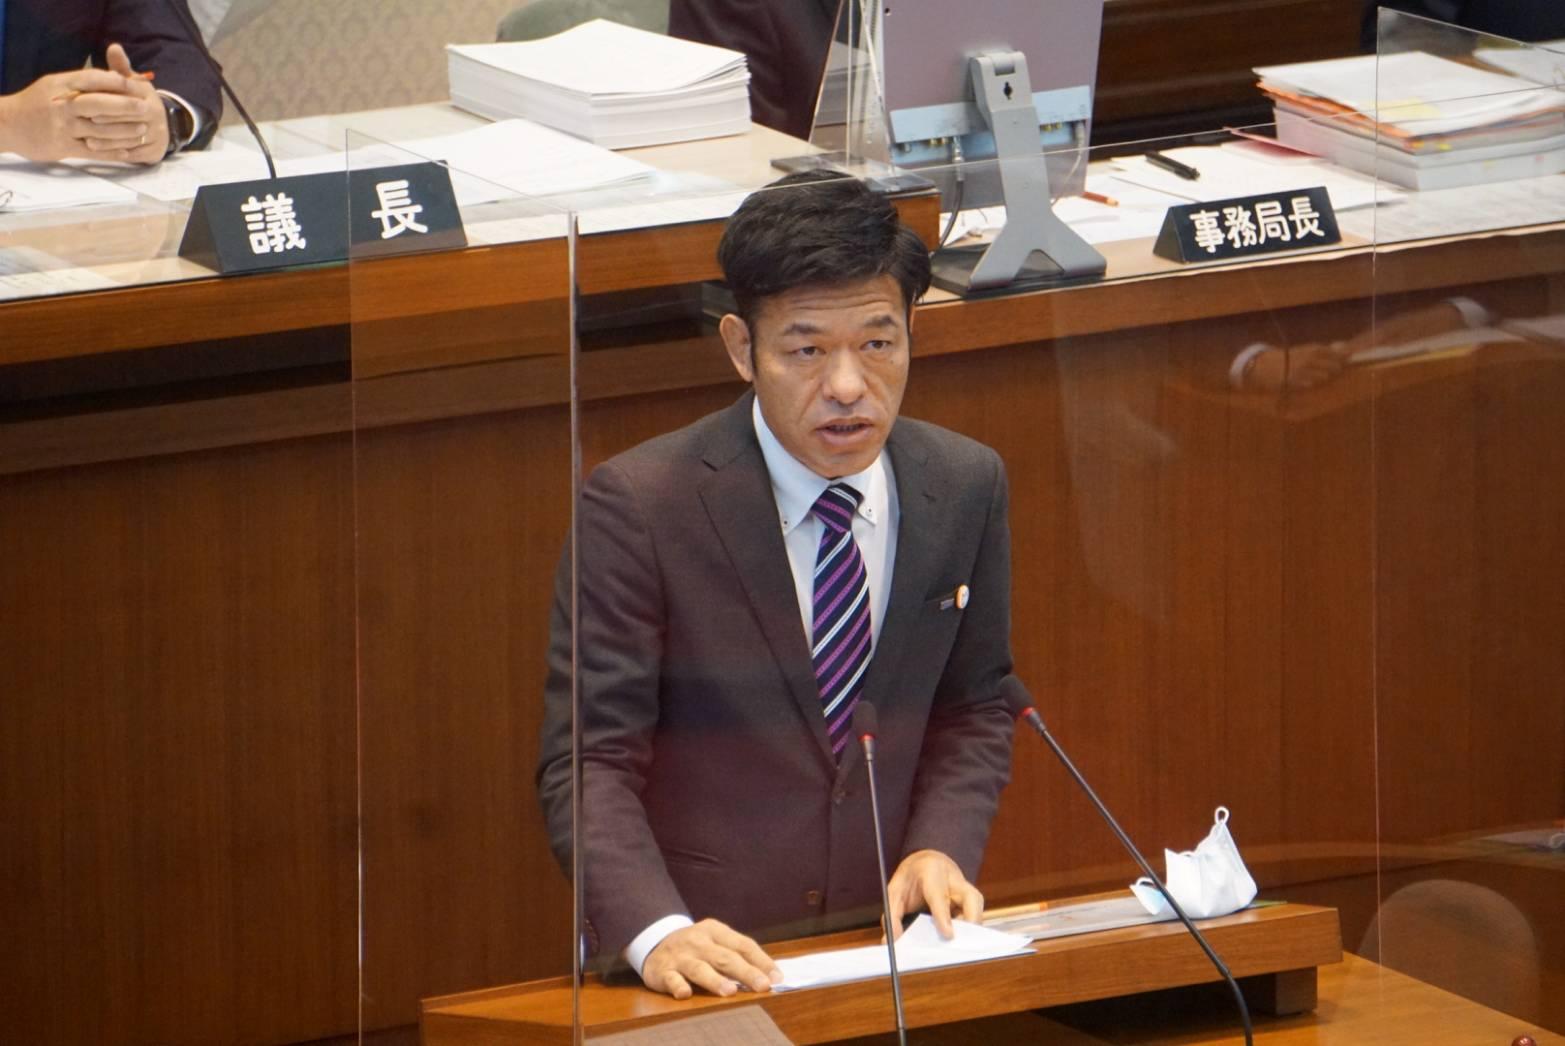 令和3年和歌山県議会2月定例会で一般質問に登壇する谷口和樹